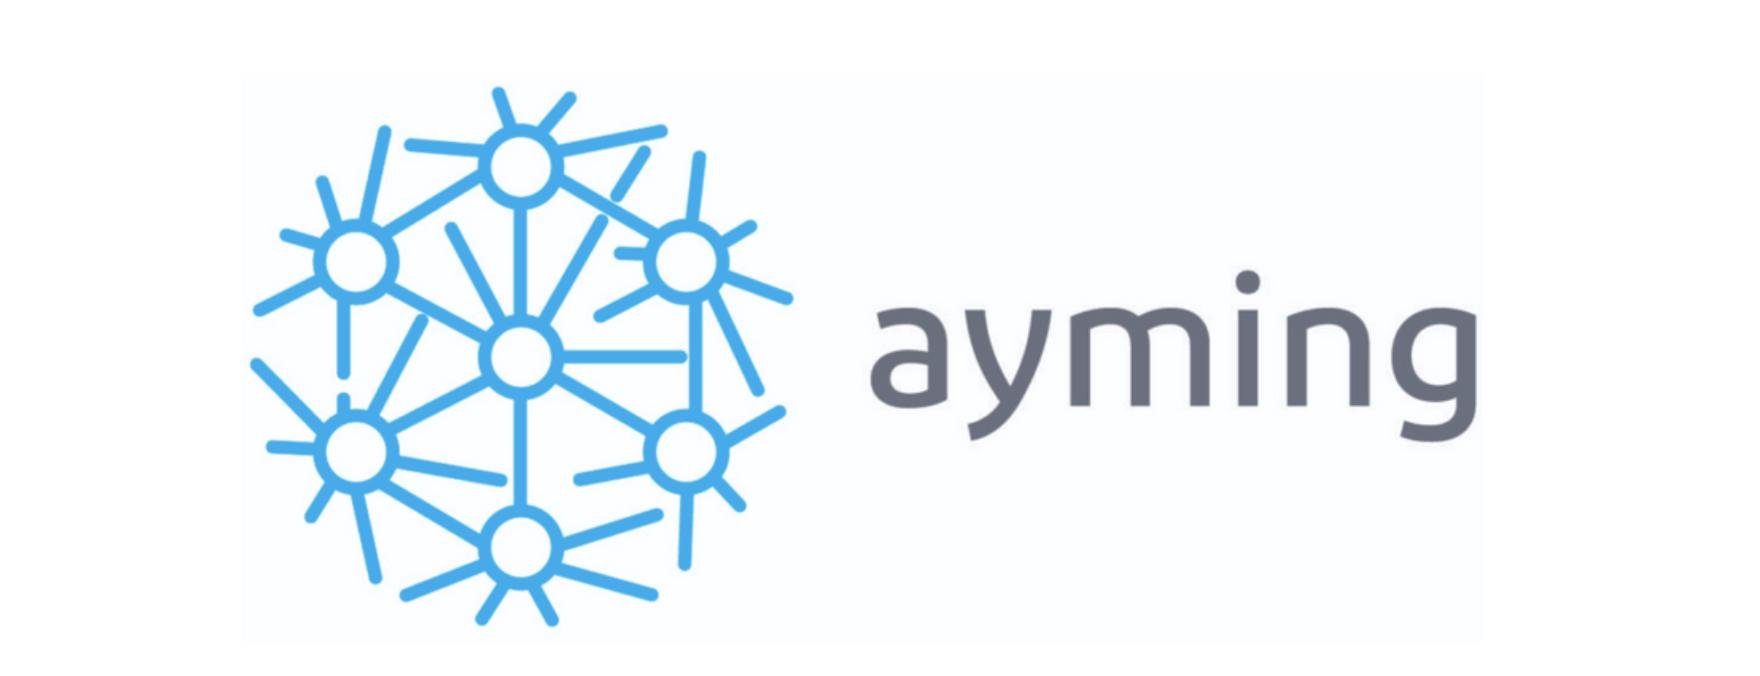 ayming-logo